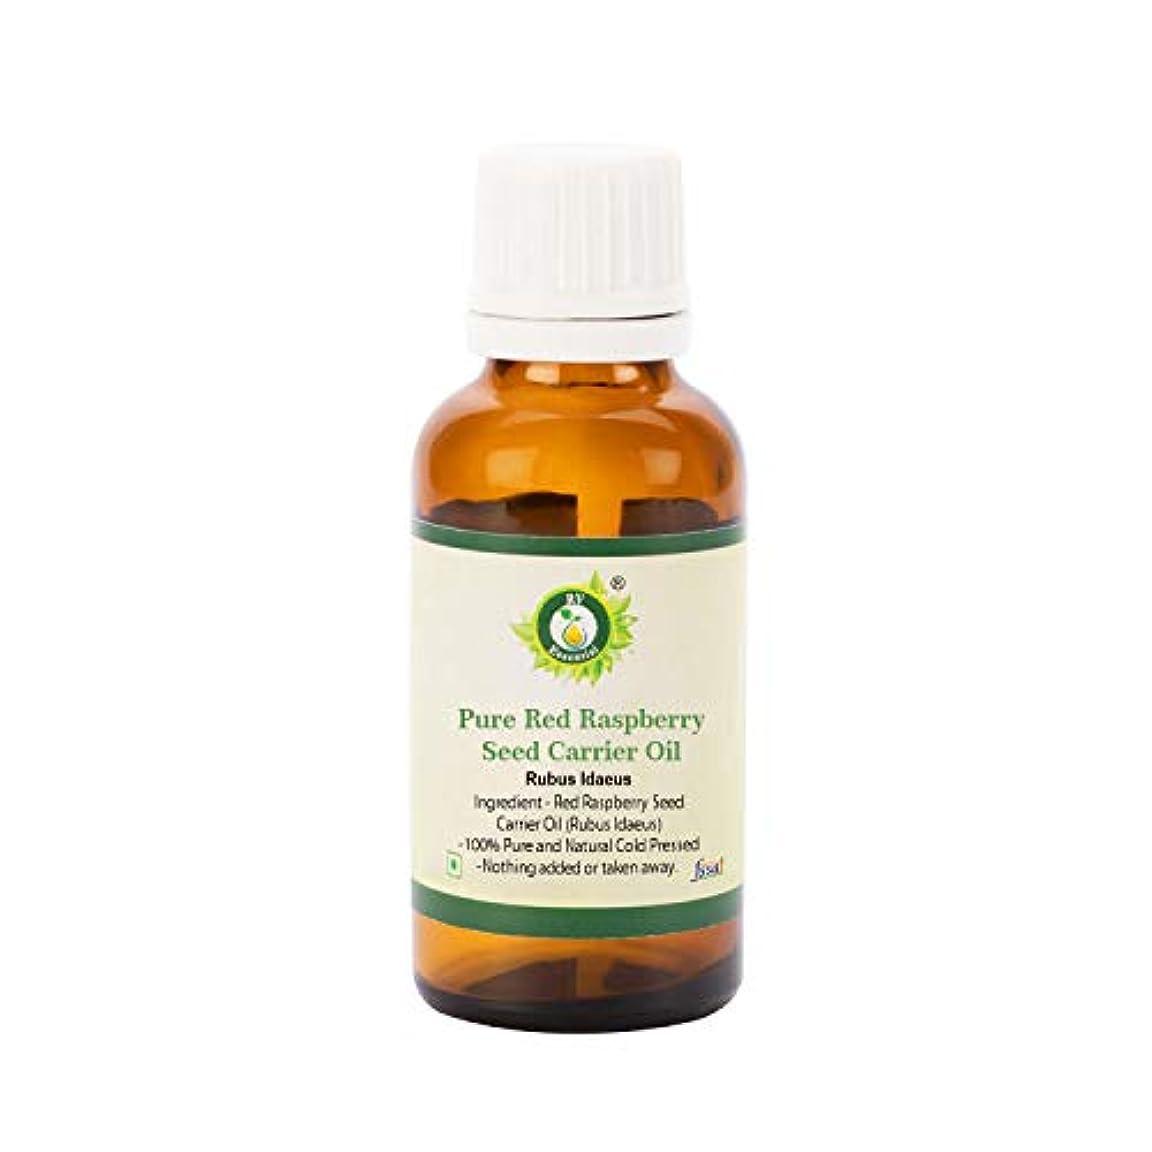 称賛リダクター煙R V Essential ピュアレッドラズベリーシードキャリヤーオイル30ml (1.01oz)- Rubus Idaeus (100%ピュア&ナチュラルコールドPressed) Pure Red Raspberry Seed Carrier Oil